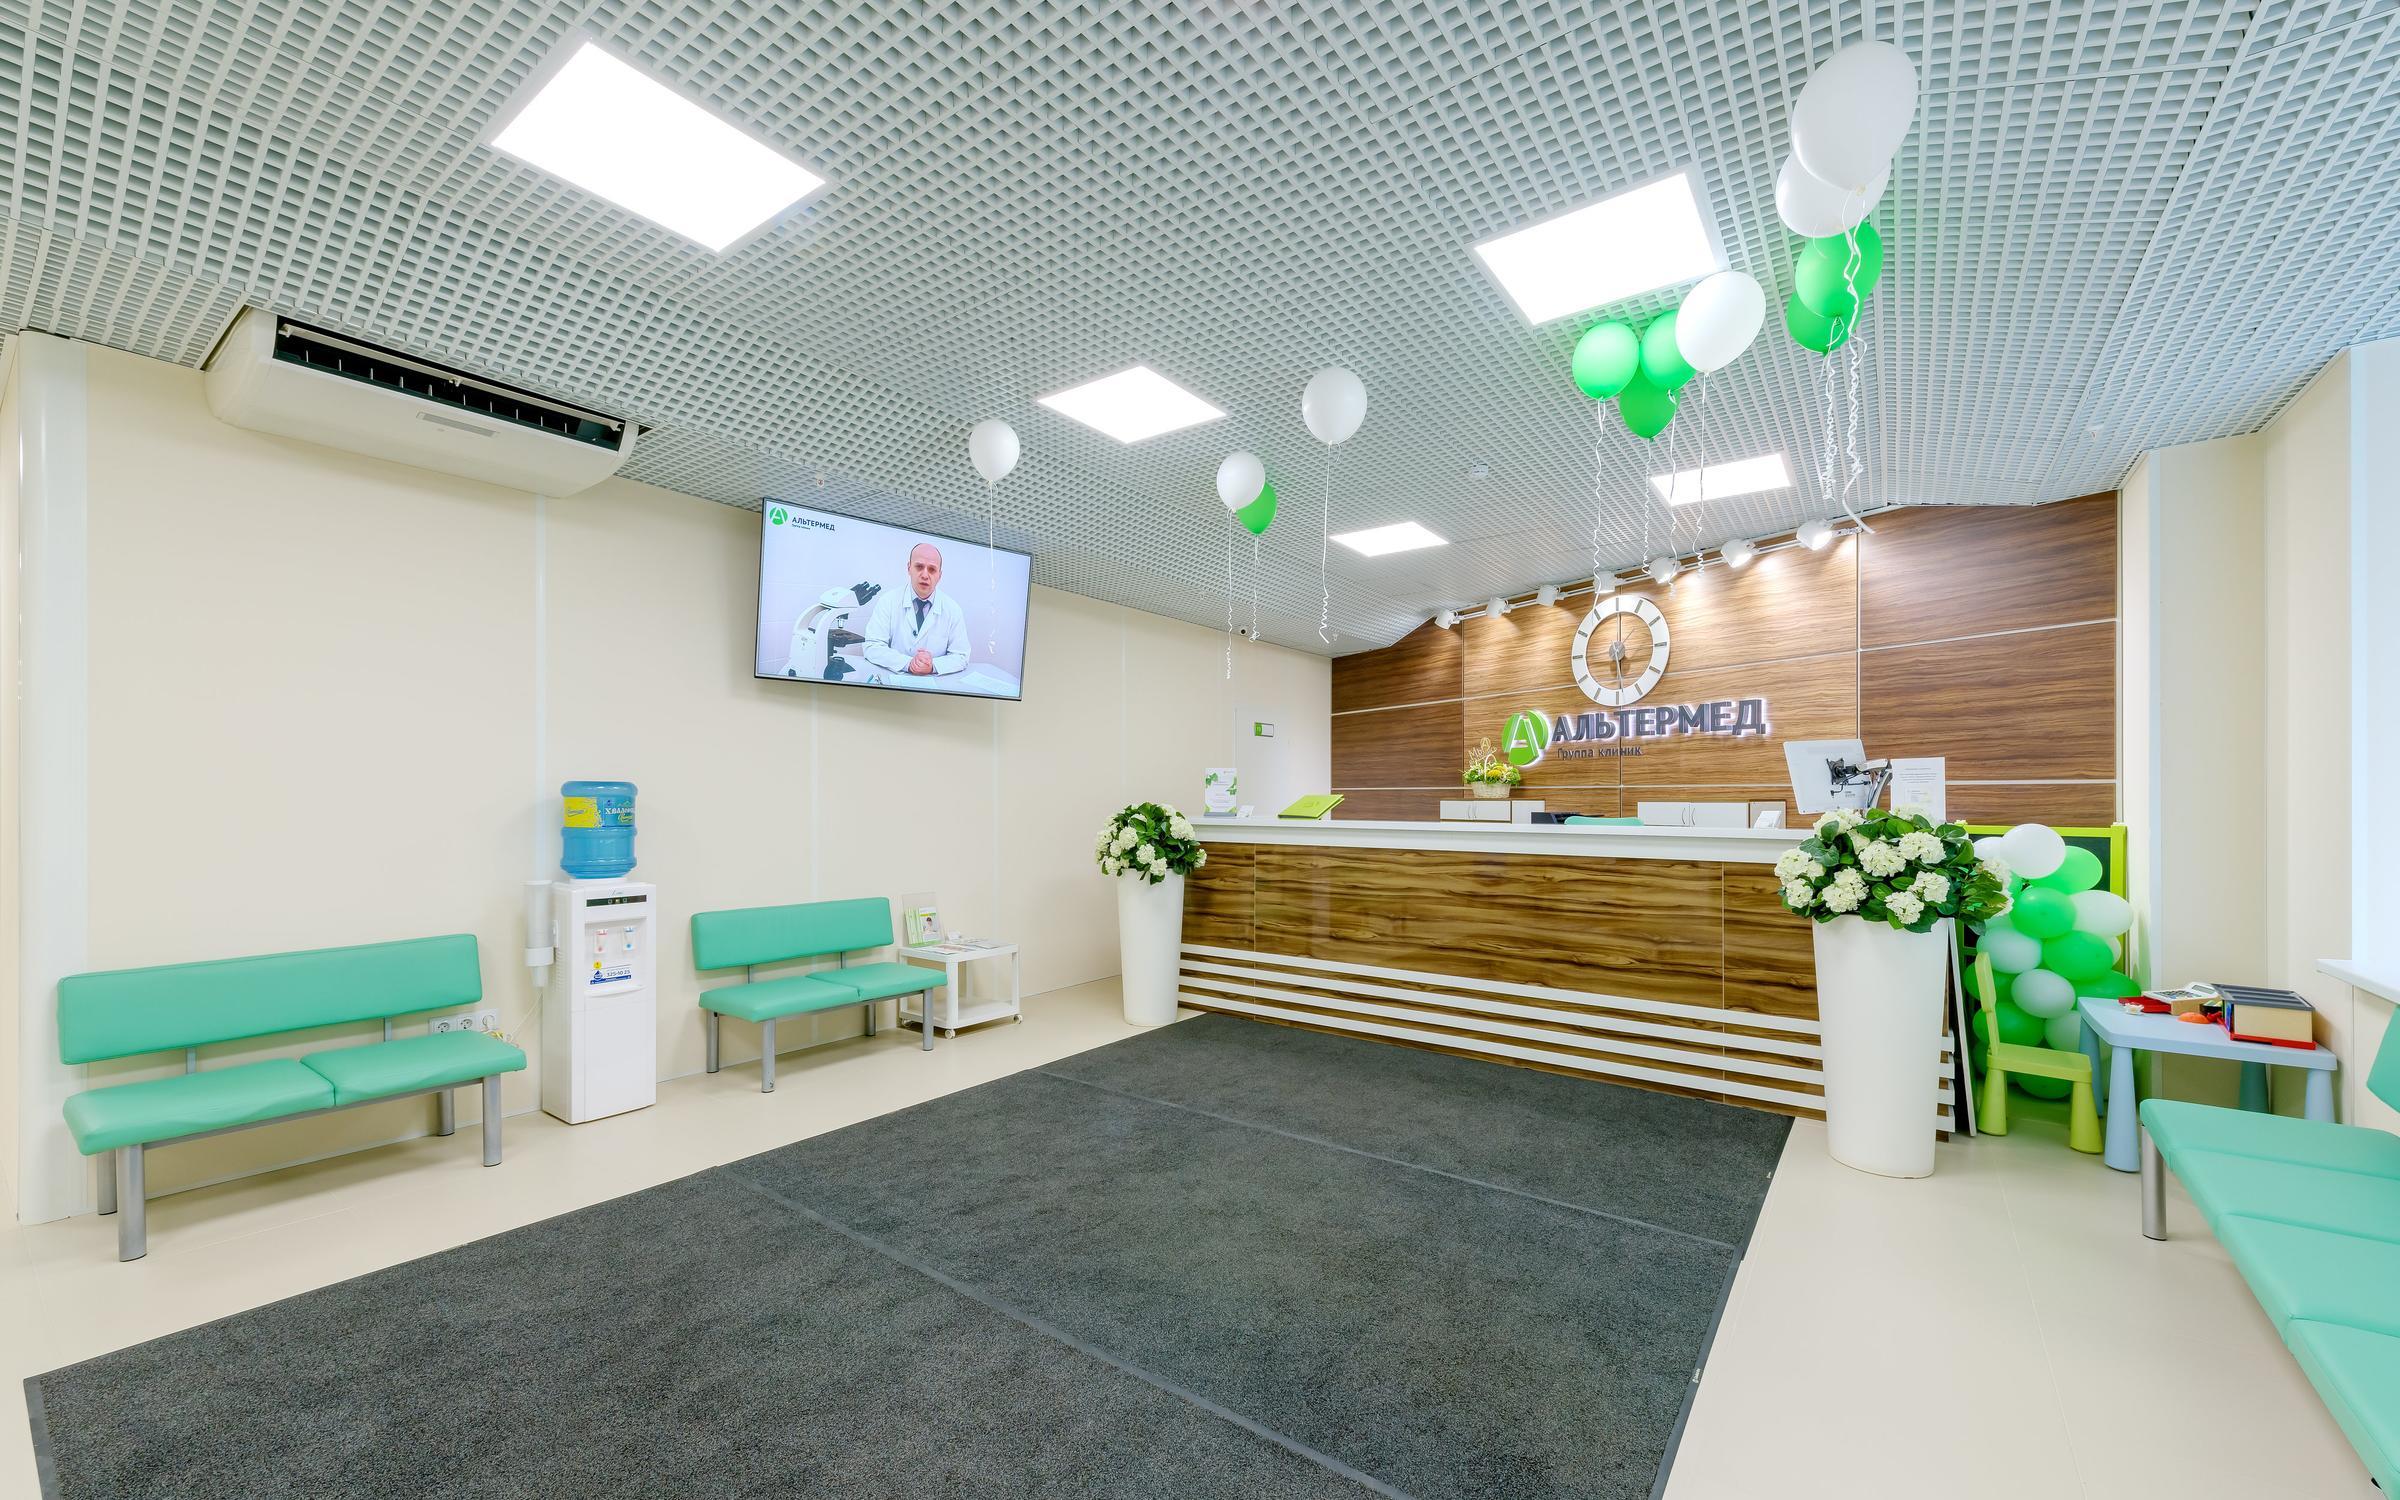 фотография Медицинского центра Альтермед на метро Проспект Большевиков